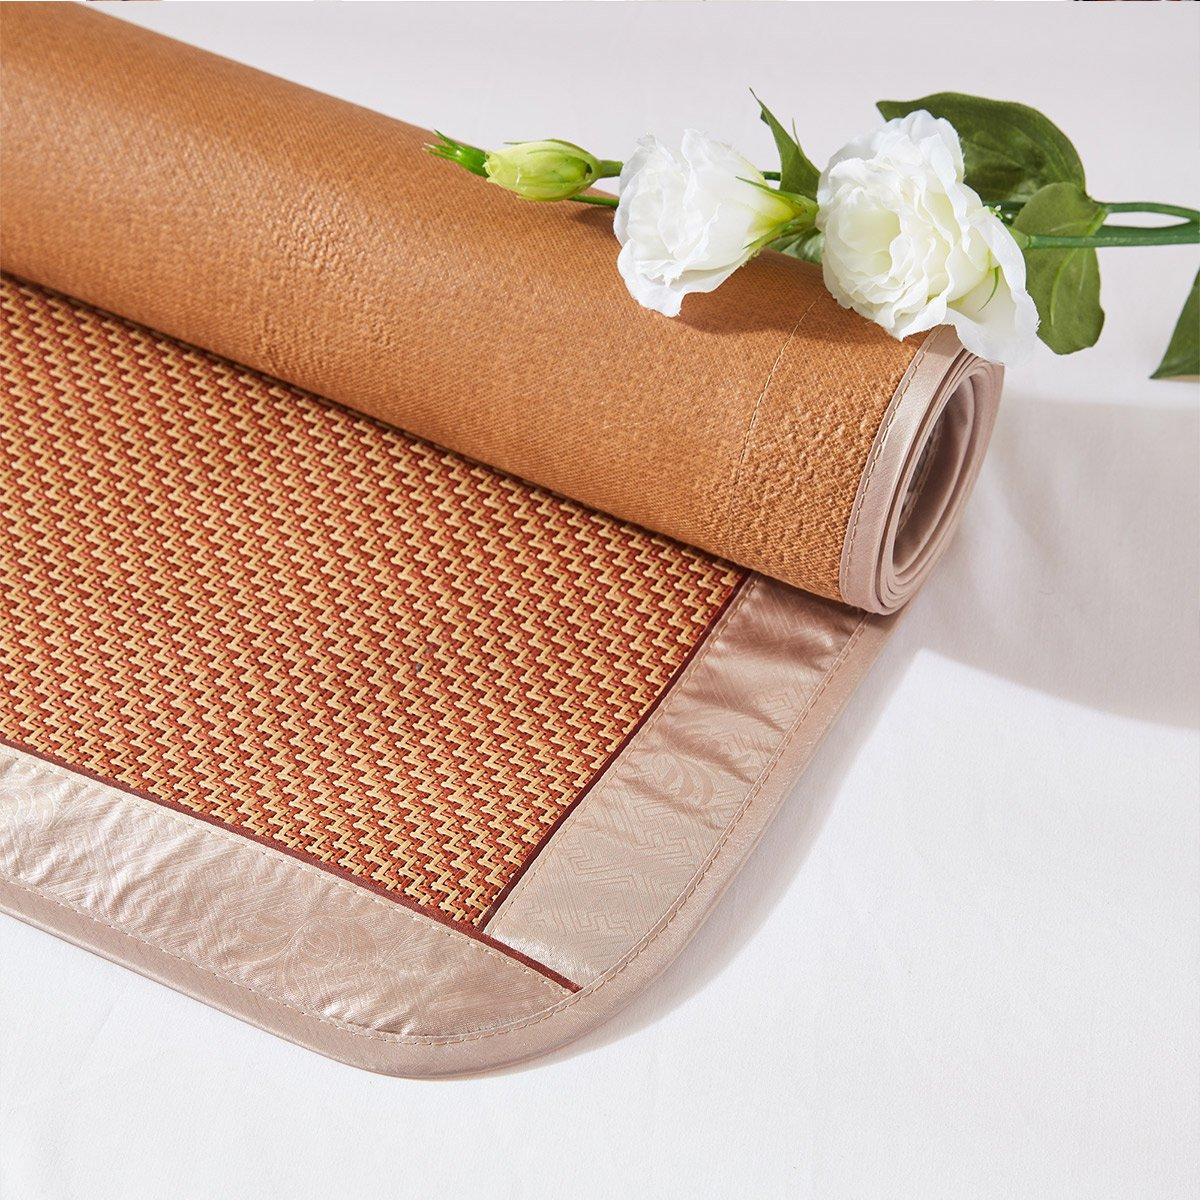 蔻姿 夏凉折叠透气 1.5米1.8m 简森 密藤席空调席子凉席三件套